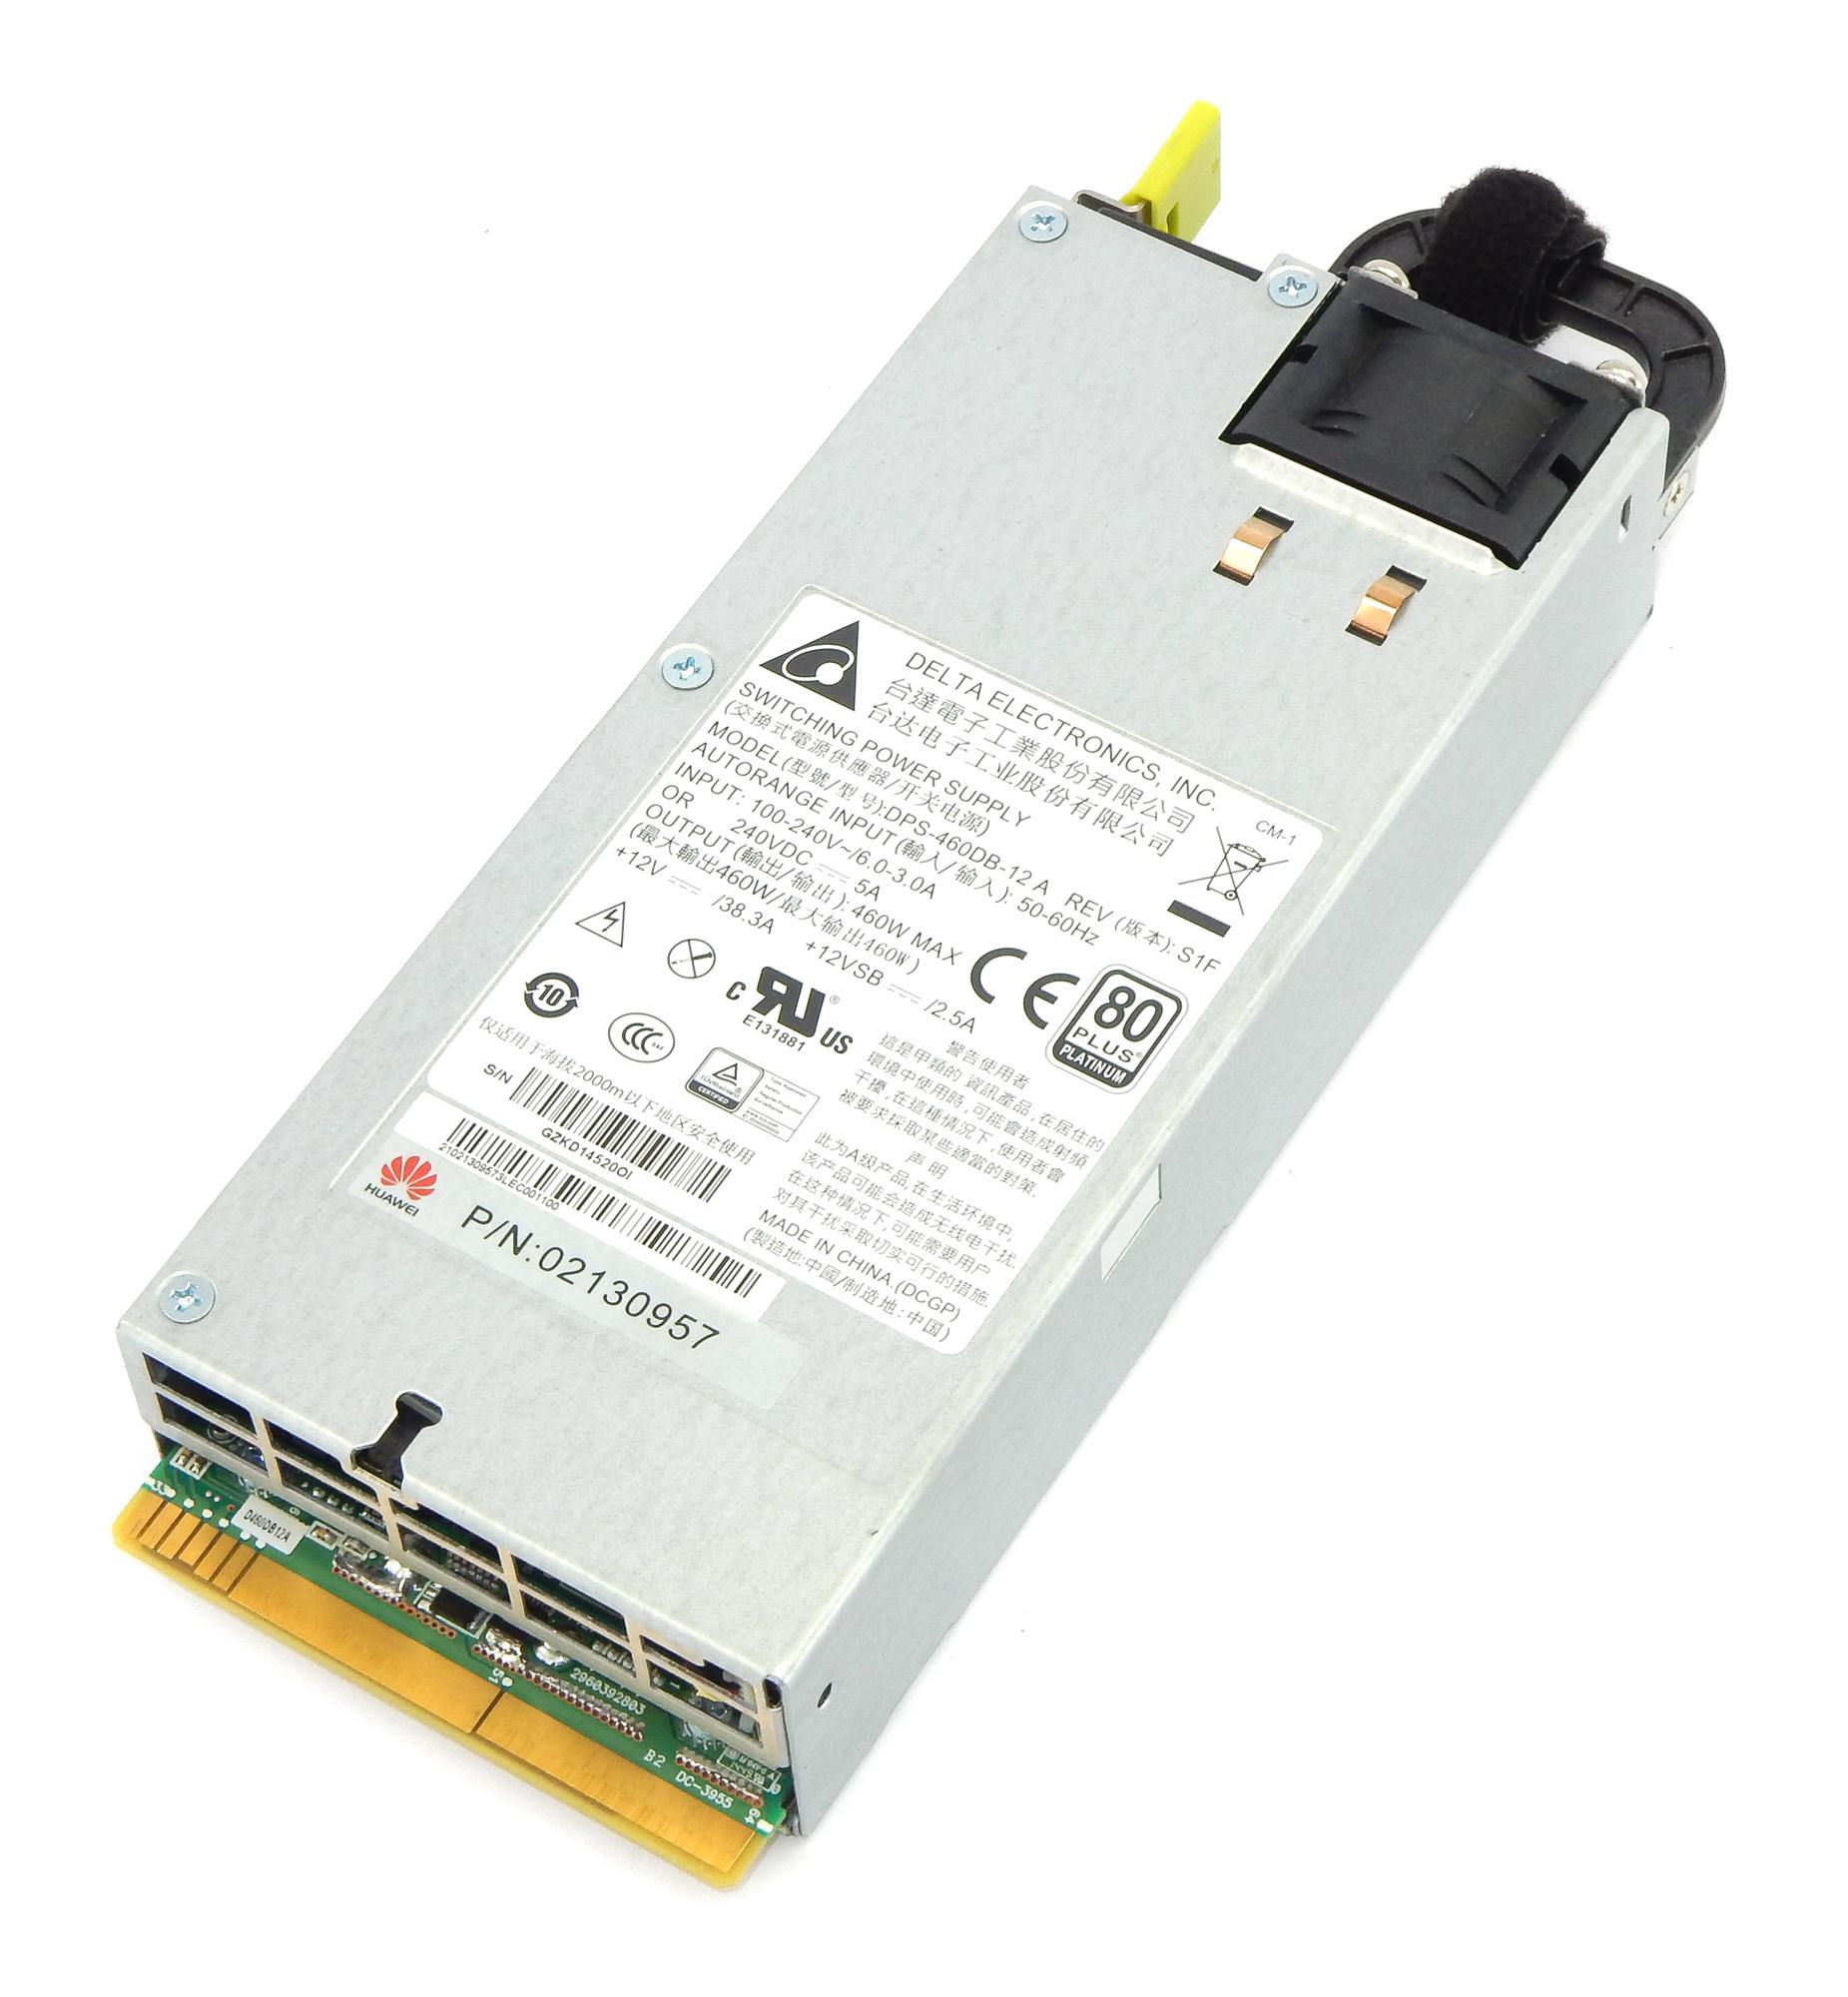 Delta DPS-460DB-12 A Huawei p/n: 02130957 460W Server Power Supply